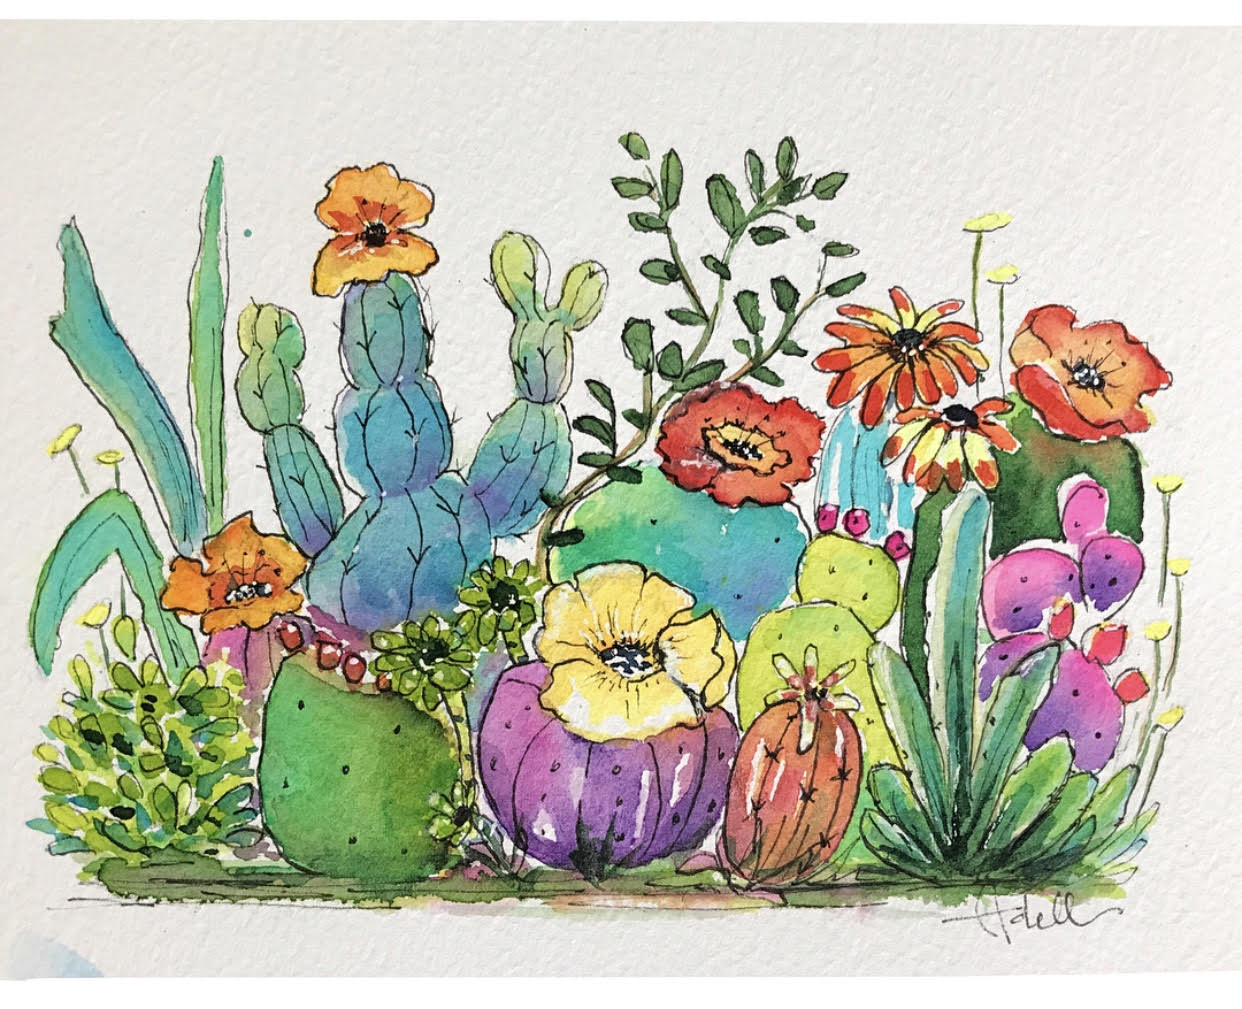 desertflowers.jpg